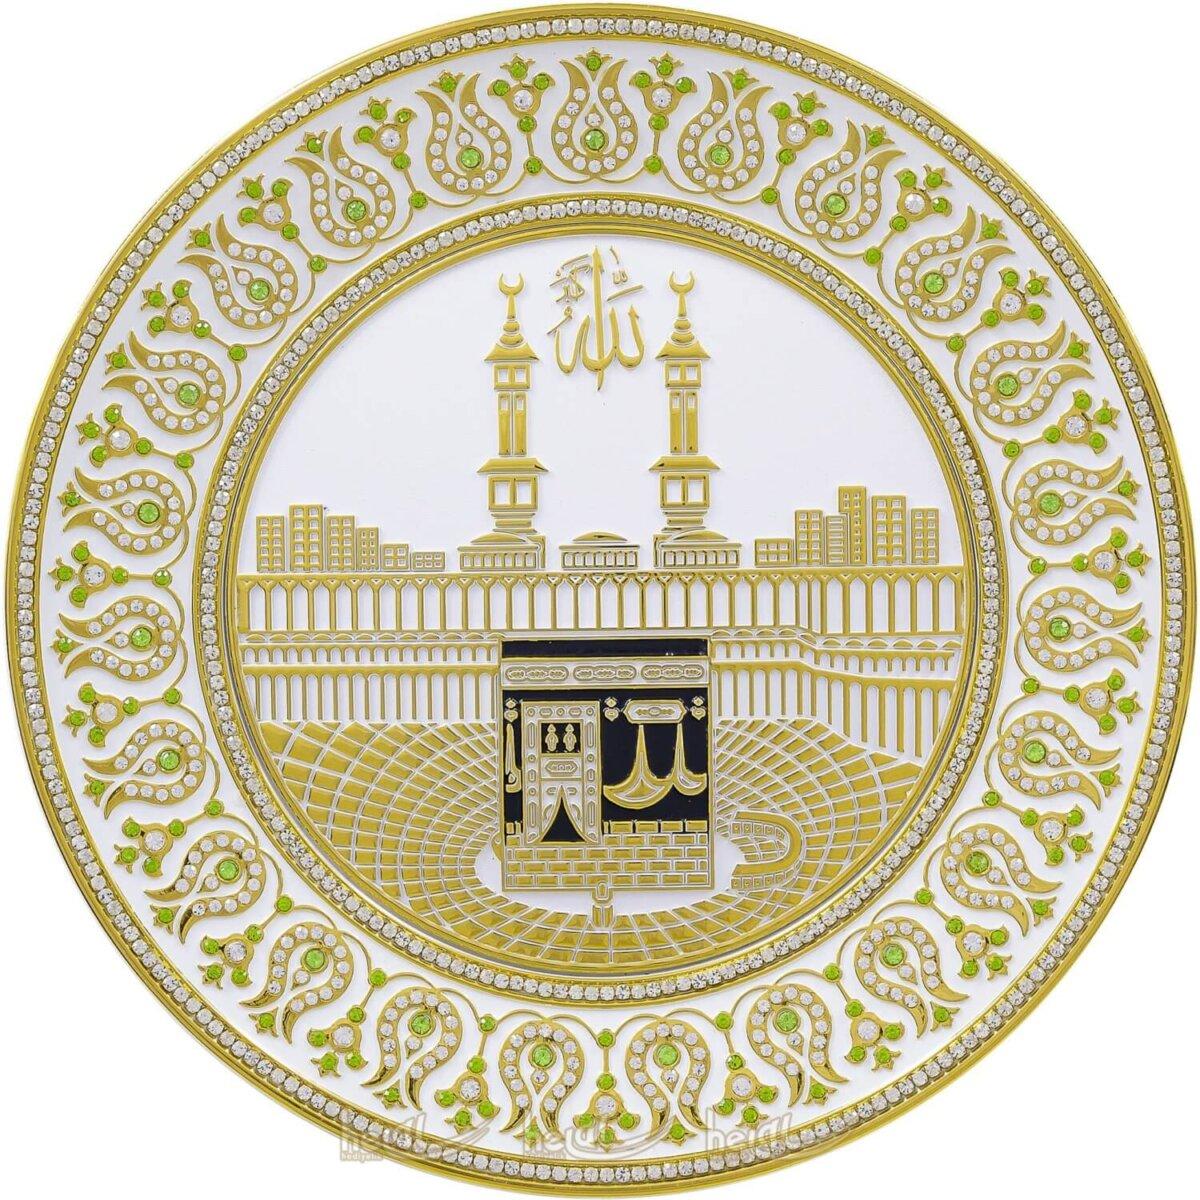 33cm Taşlı Kabe-i Şerif Hac Dini Hediyelik Tabak Duvar Dekorasyonu Kabe